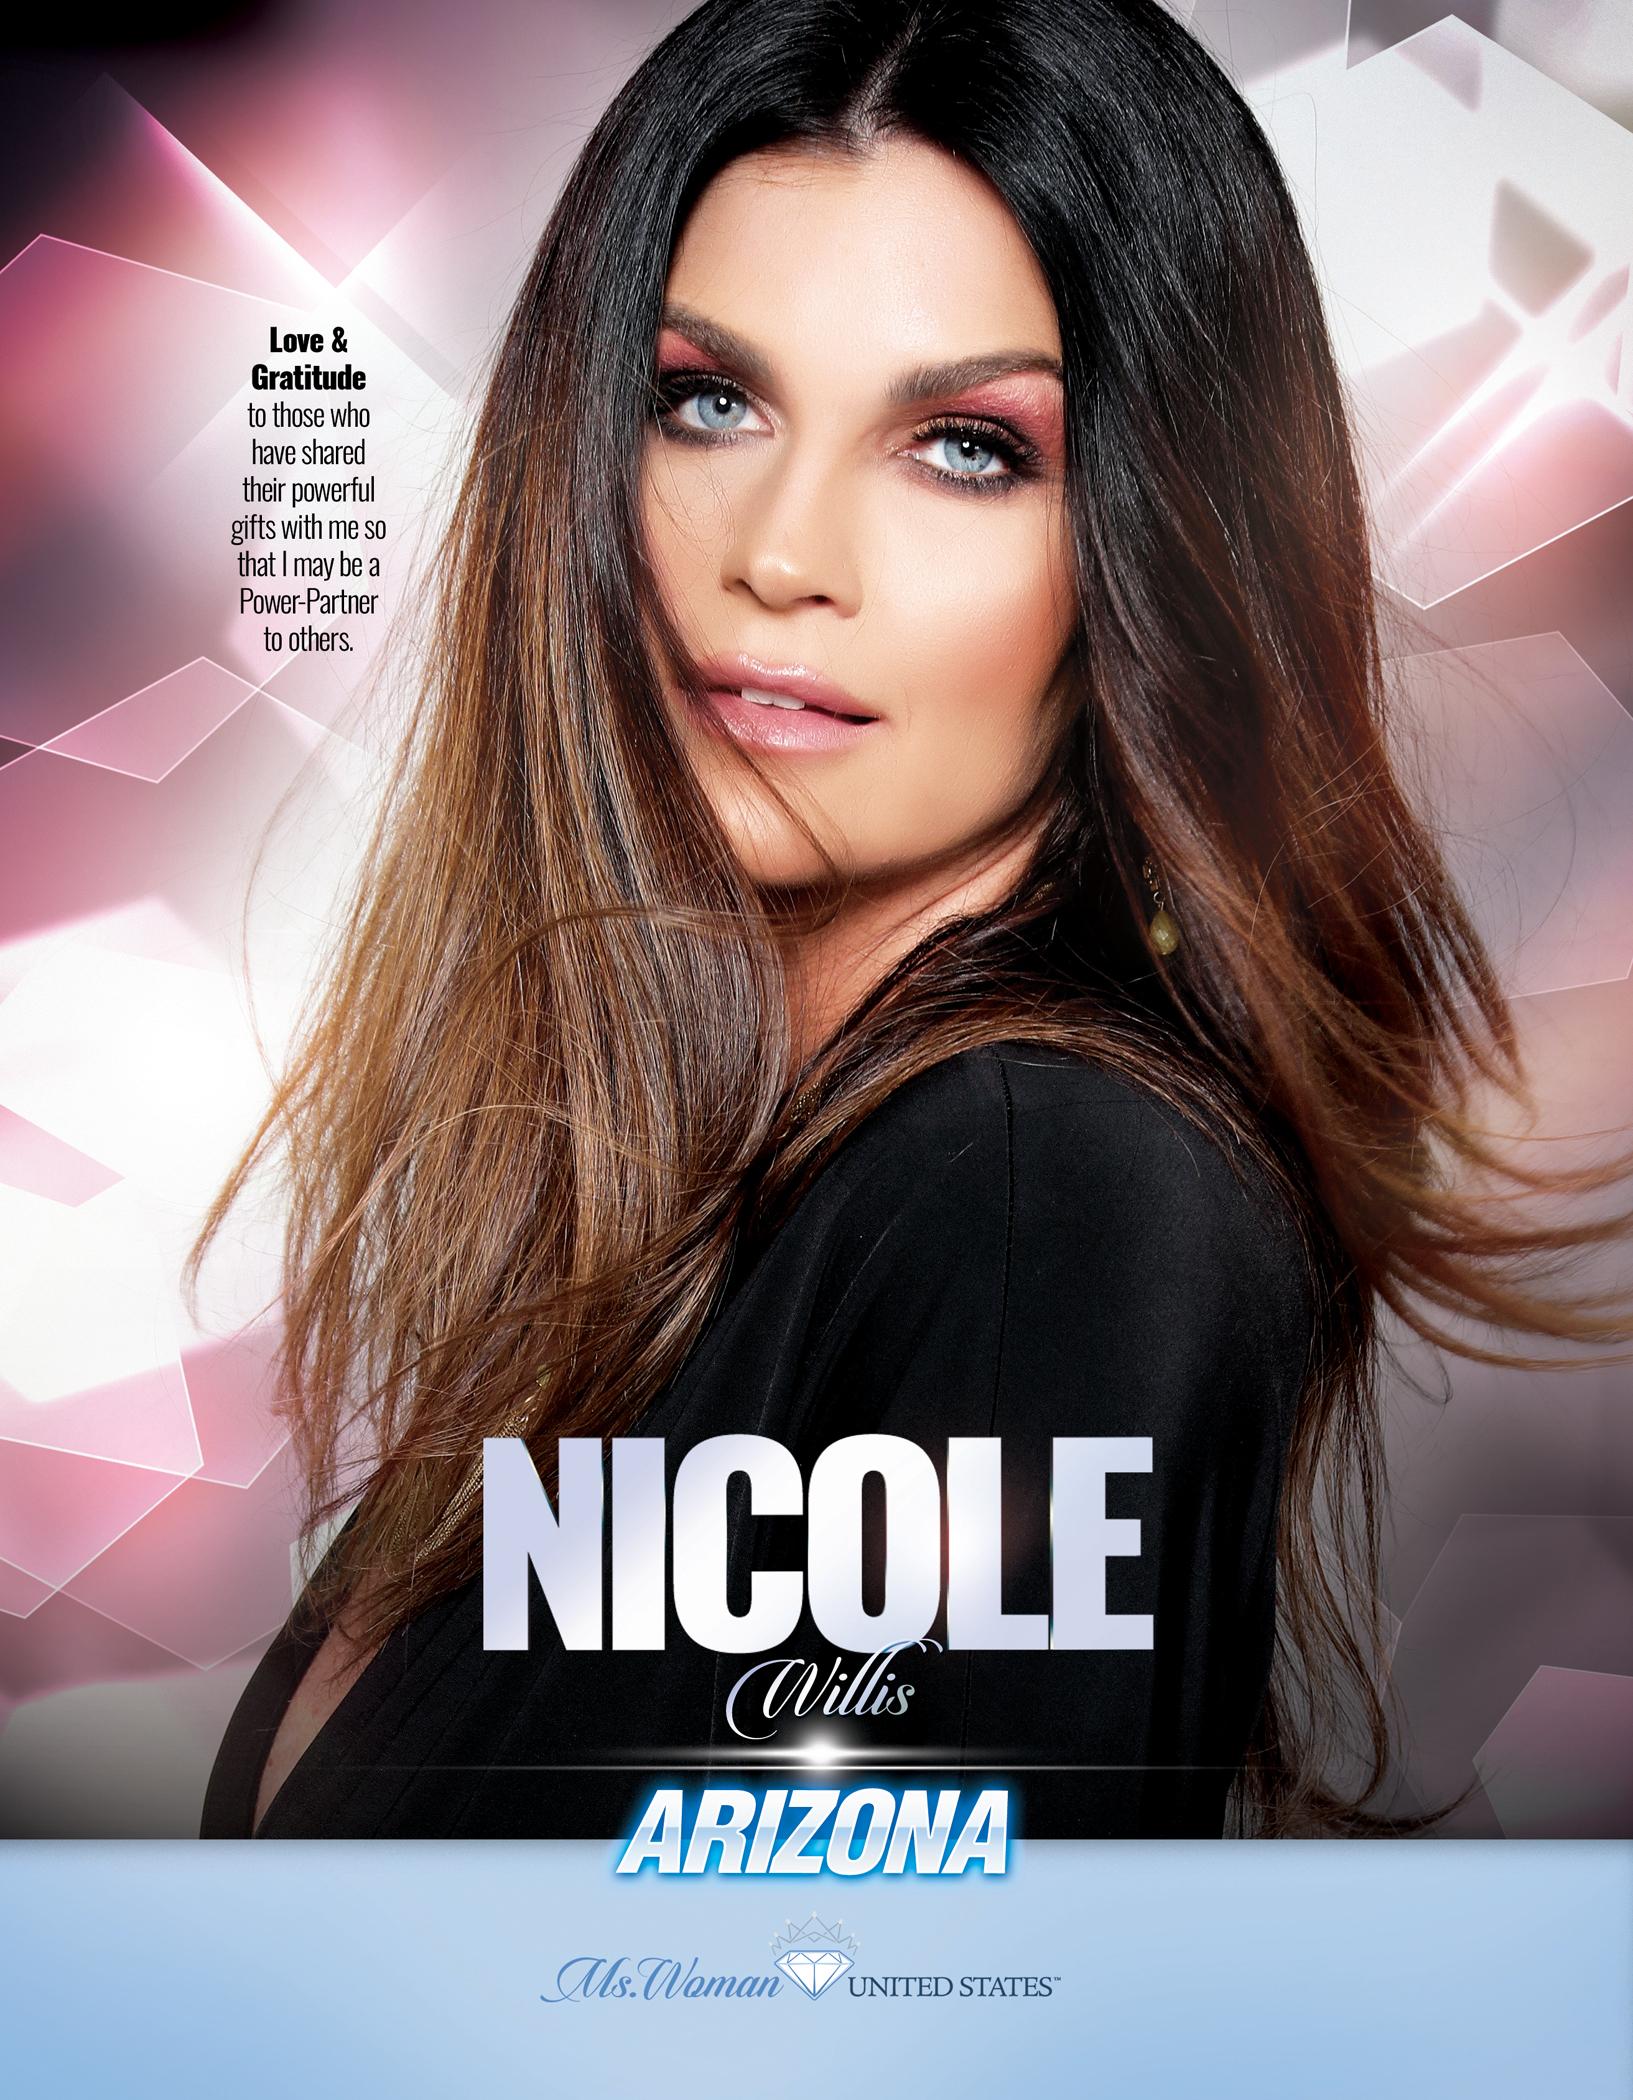 Nicole Willis Ms. Woman Arizona United States - 2019